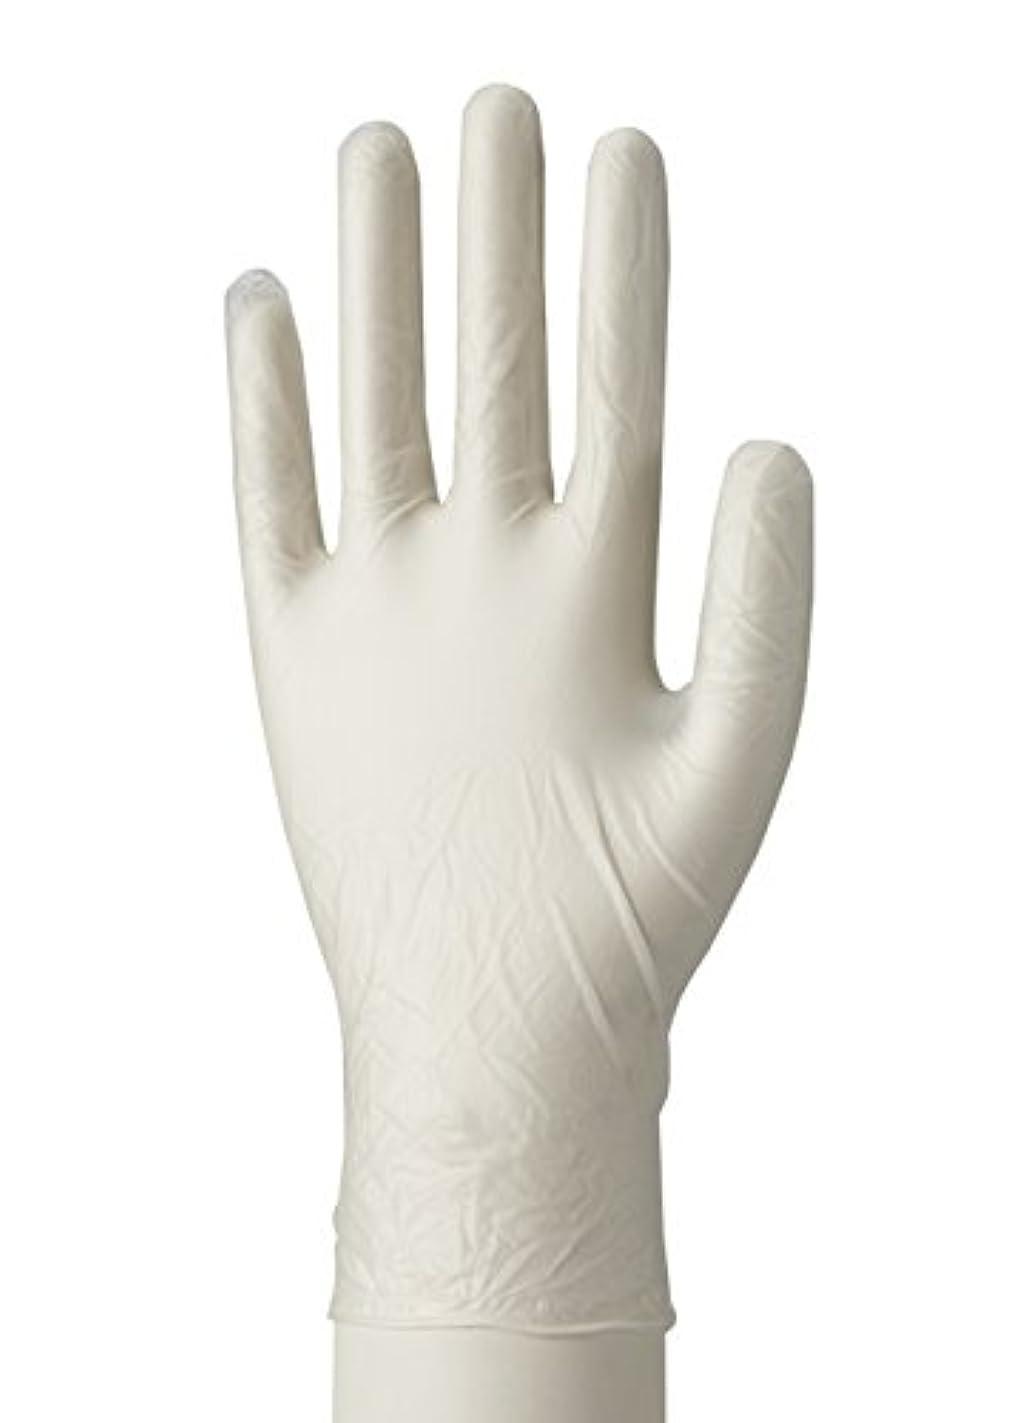 批判高さ幼児マツヨシ 使い捨て手袋 マイスコPVCグローブ 粉なし MY-7521(サイズ:S)100枚入り 病院採用商品